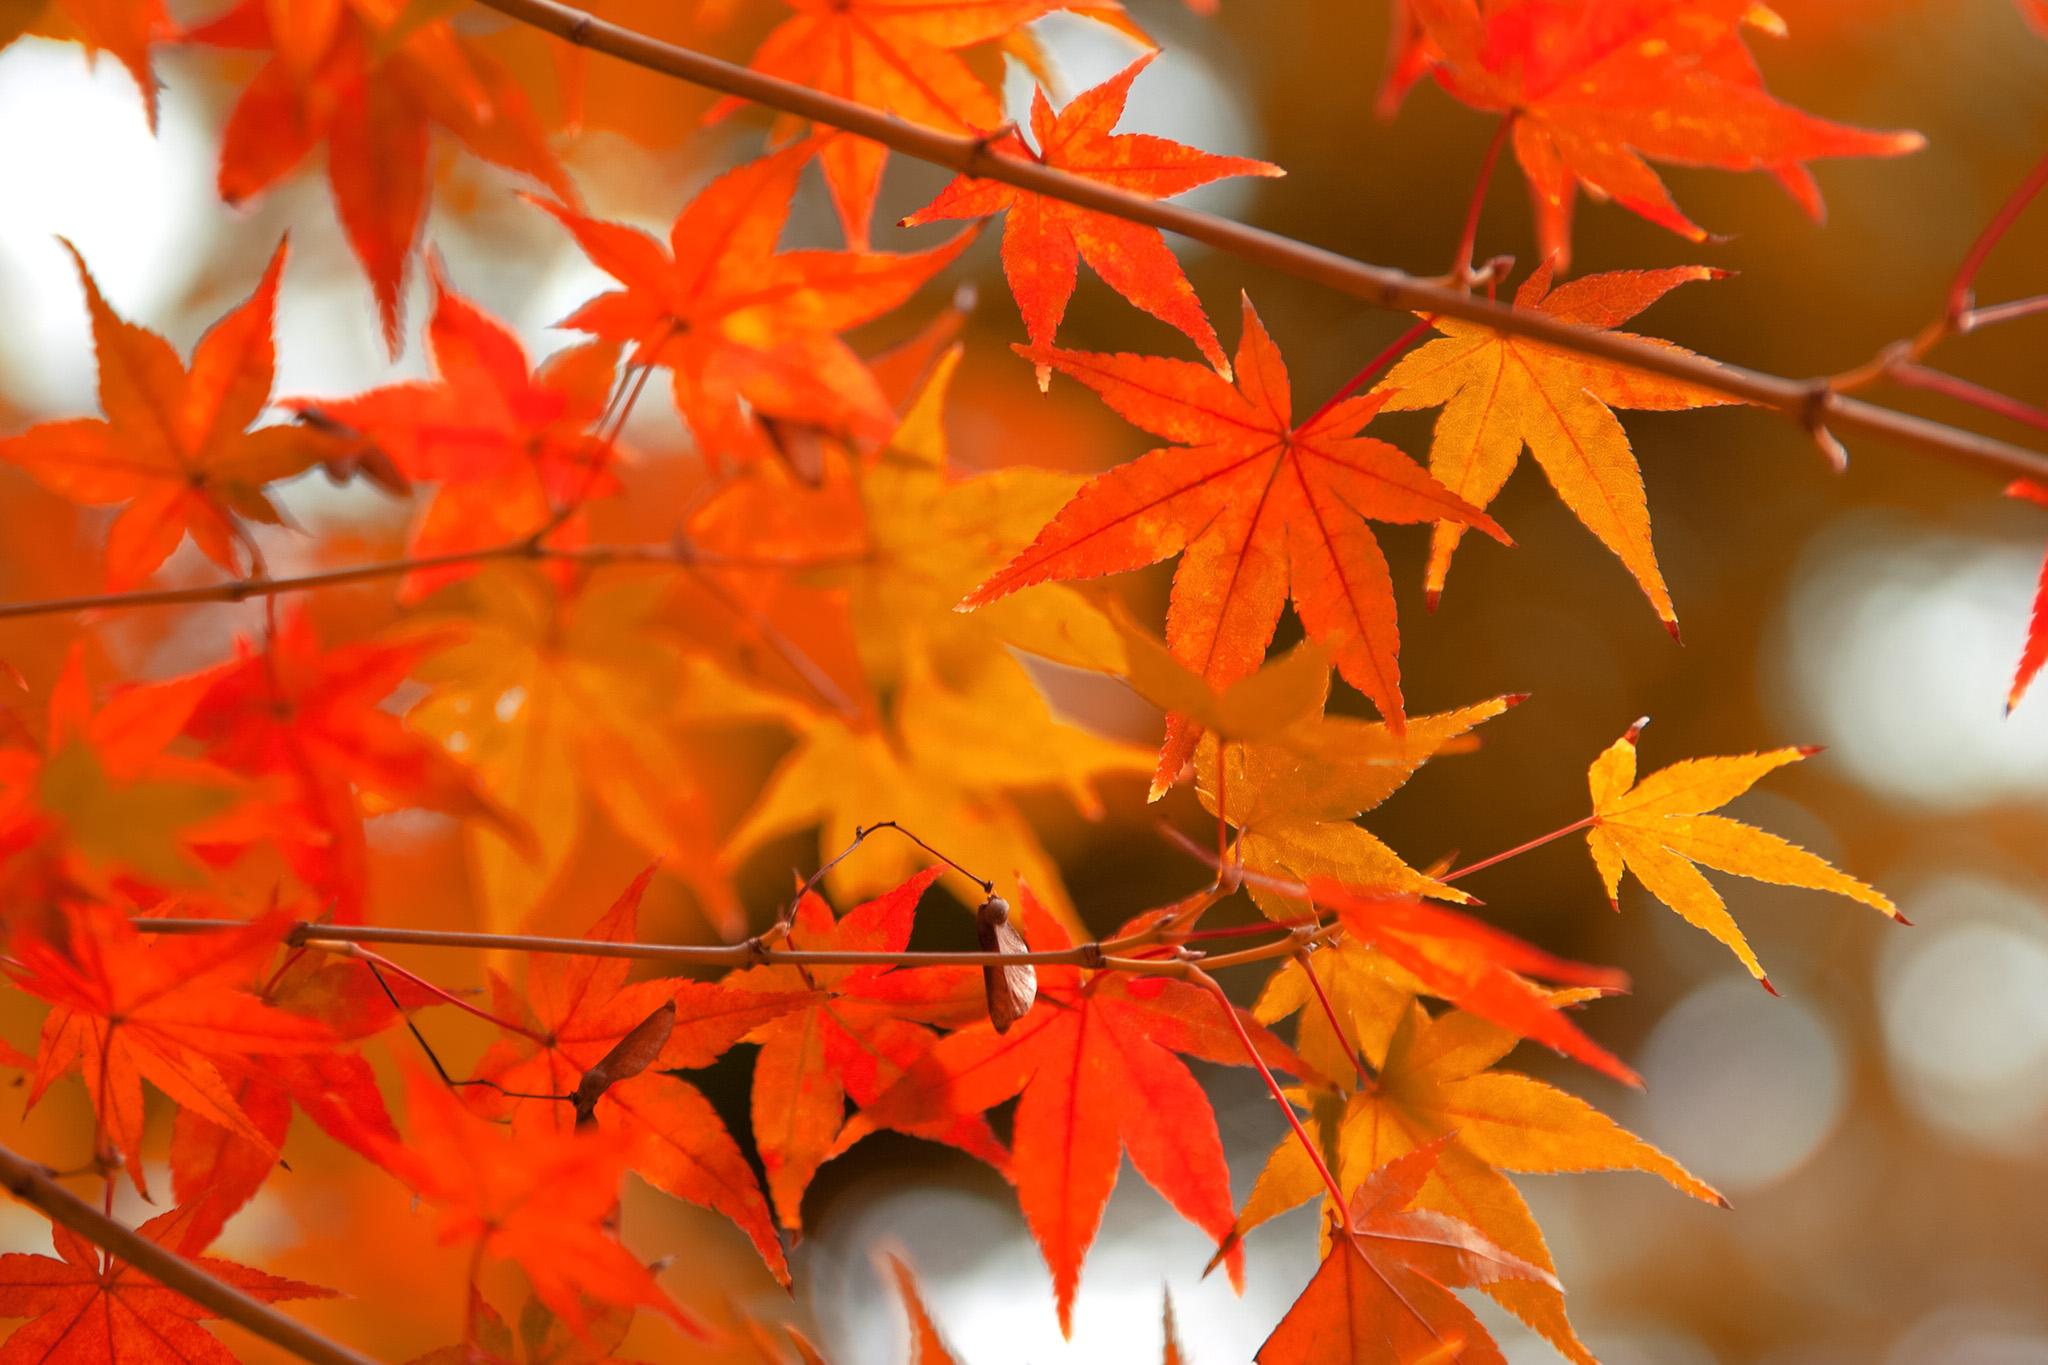 「秋を感じる朱色と橙色のモミジ」の写真素材を無料ダウンロード